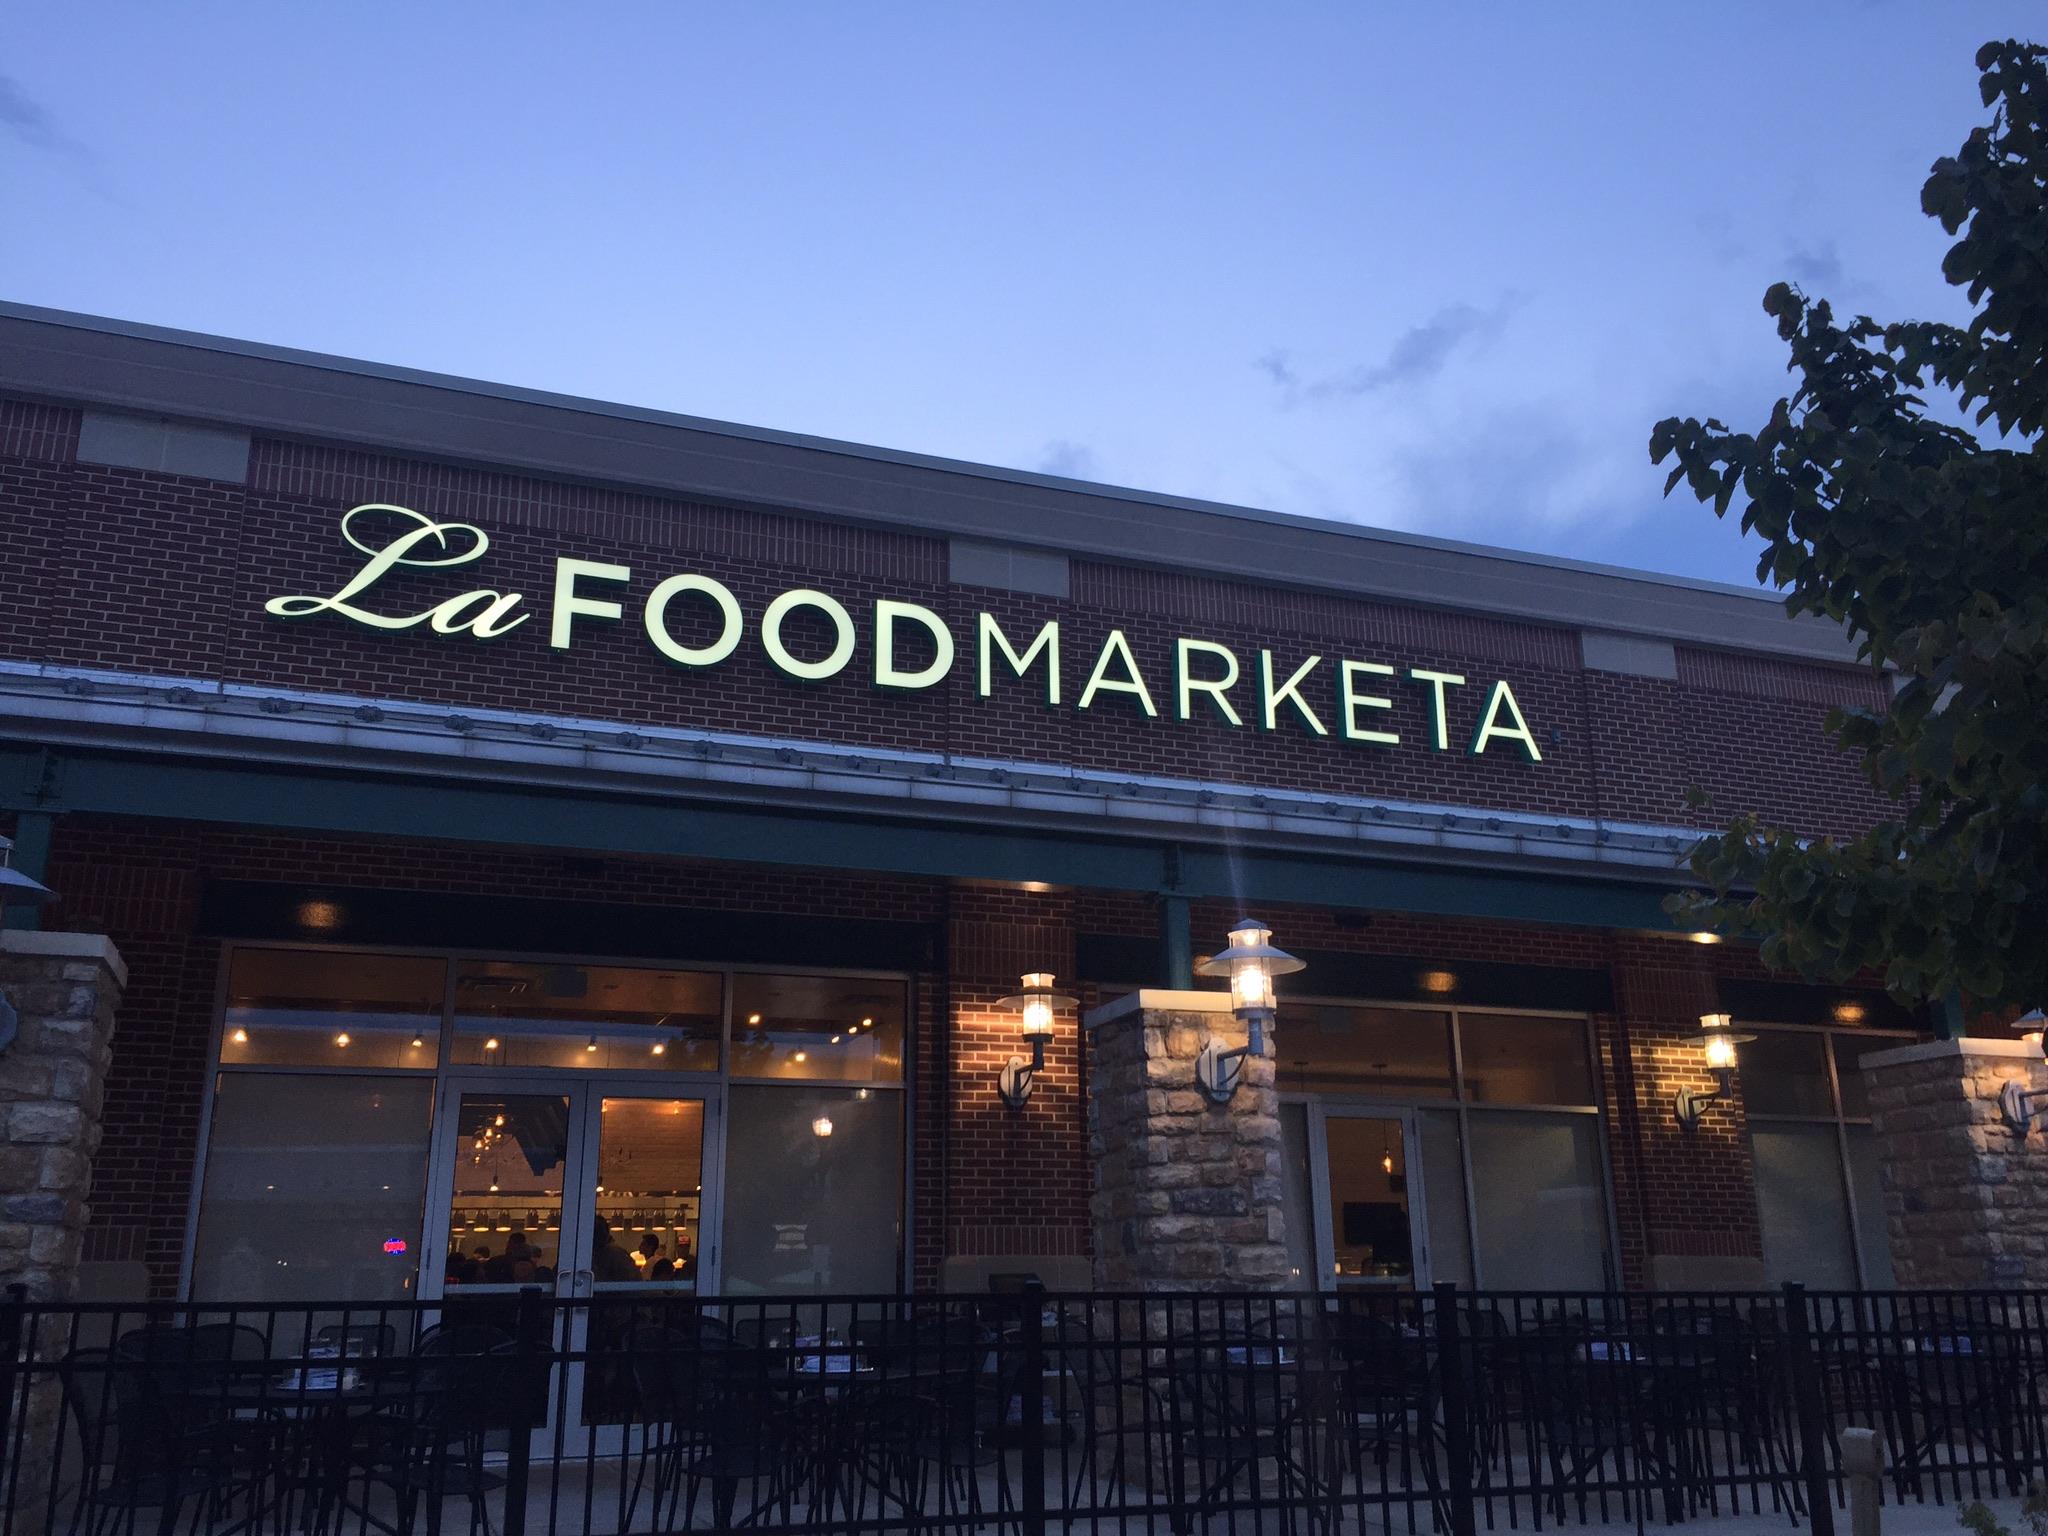 La Food Marketa: Outdoor Signage